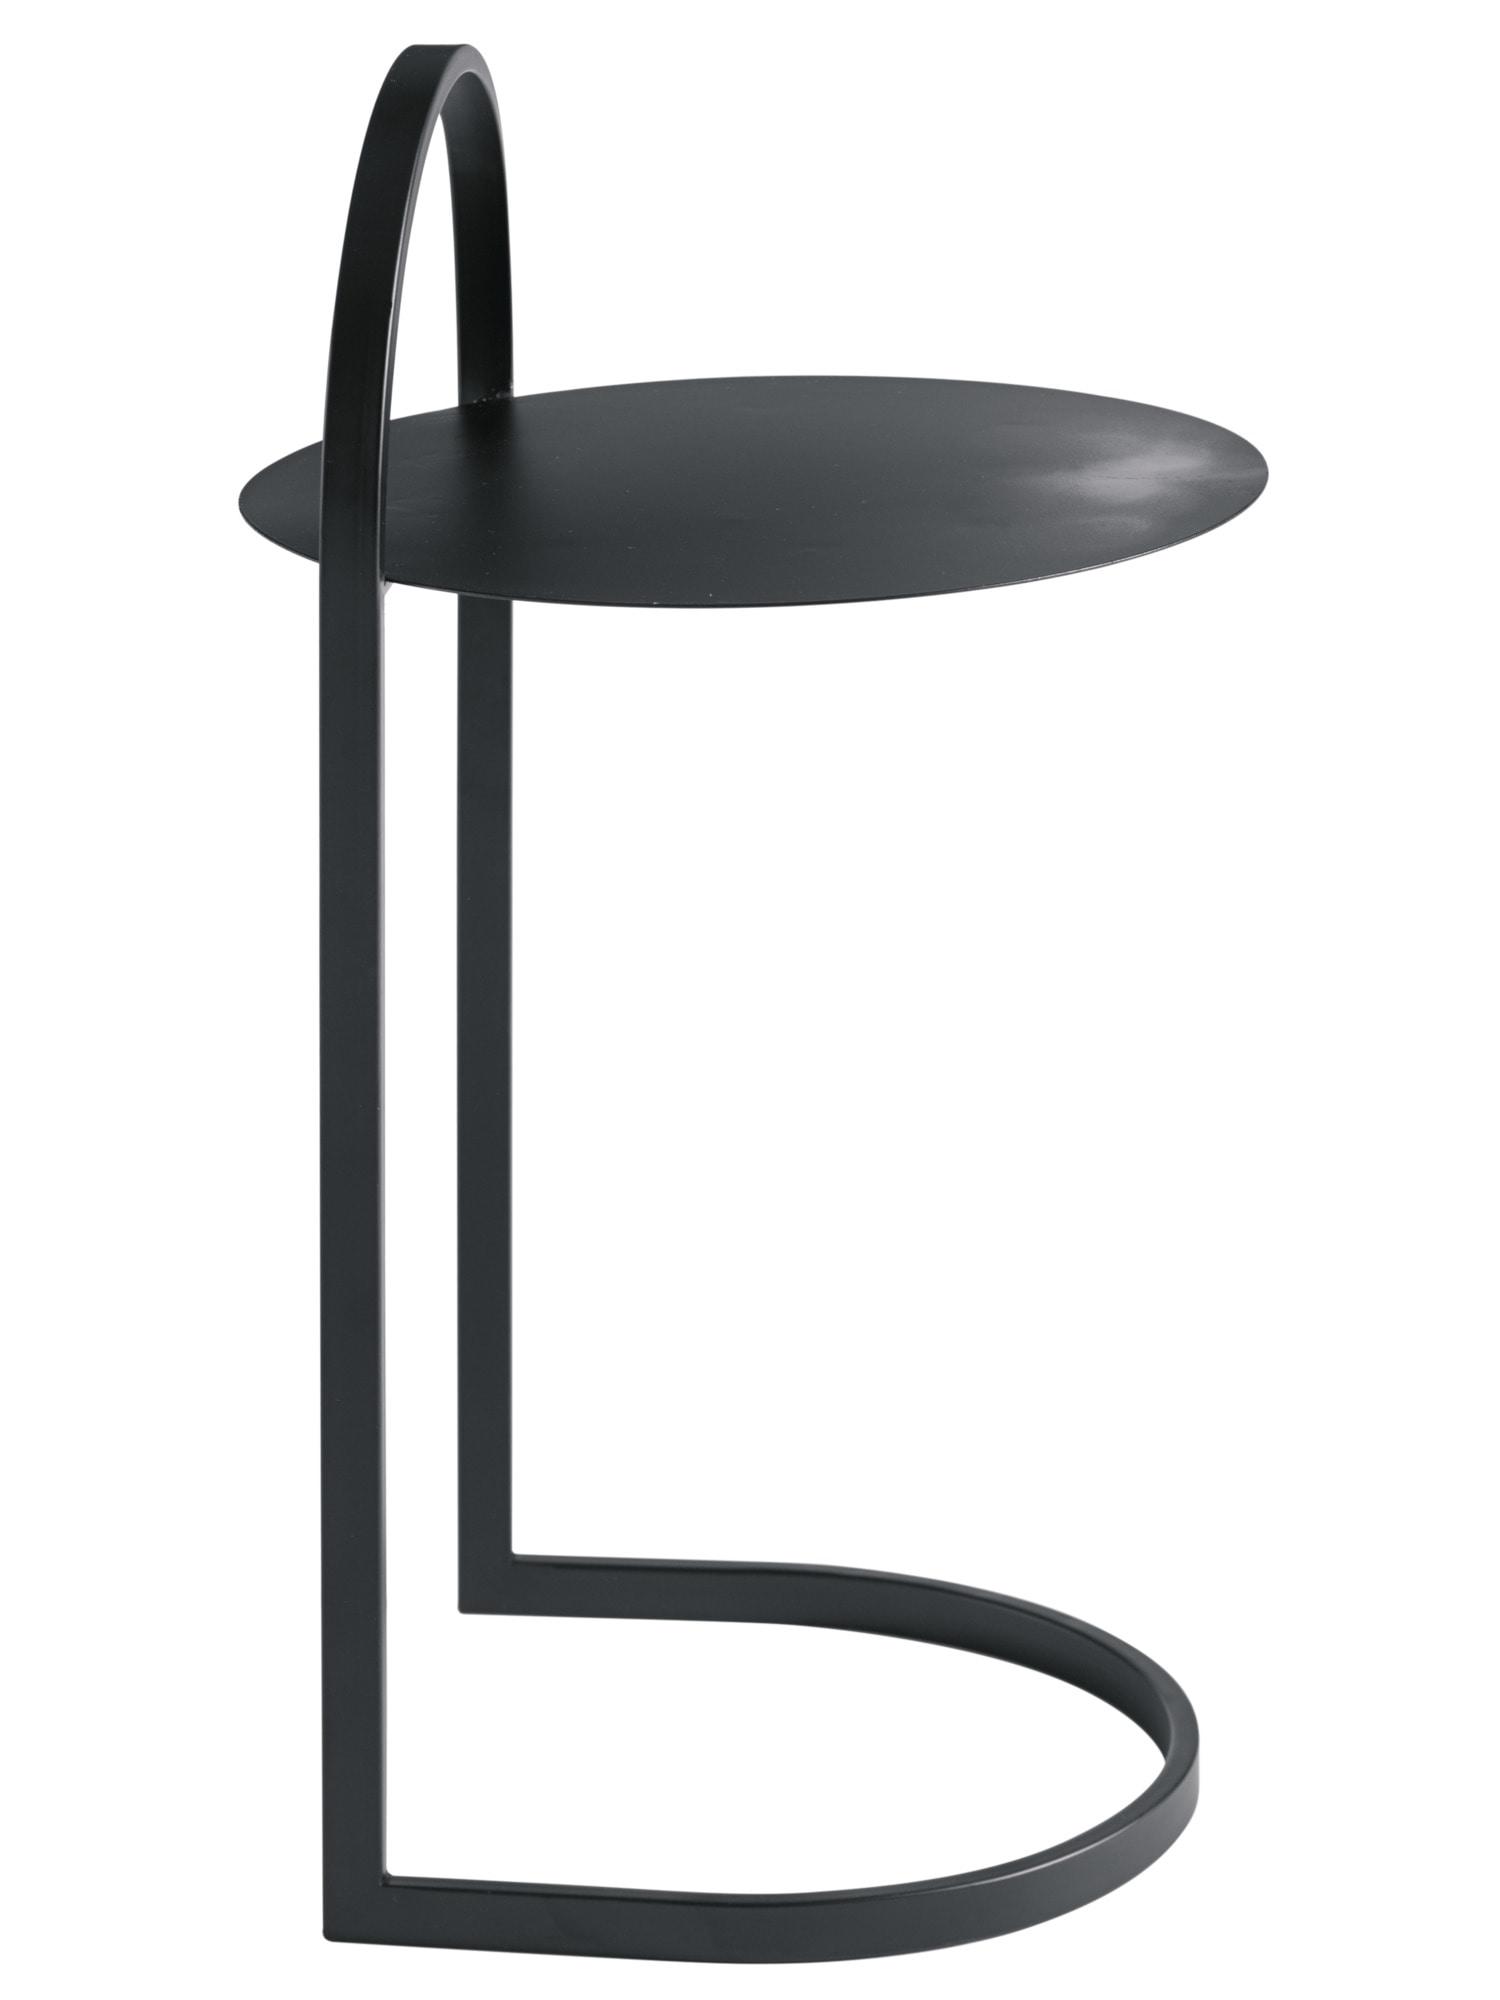 heine home Beistelltisch in moderner Form Wohnen/Möbel/Tische/Beistelltische